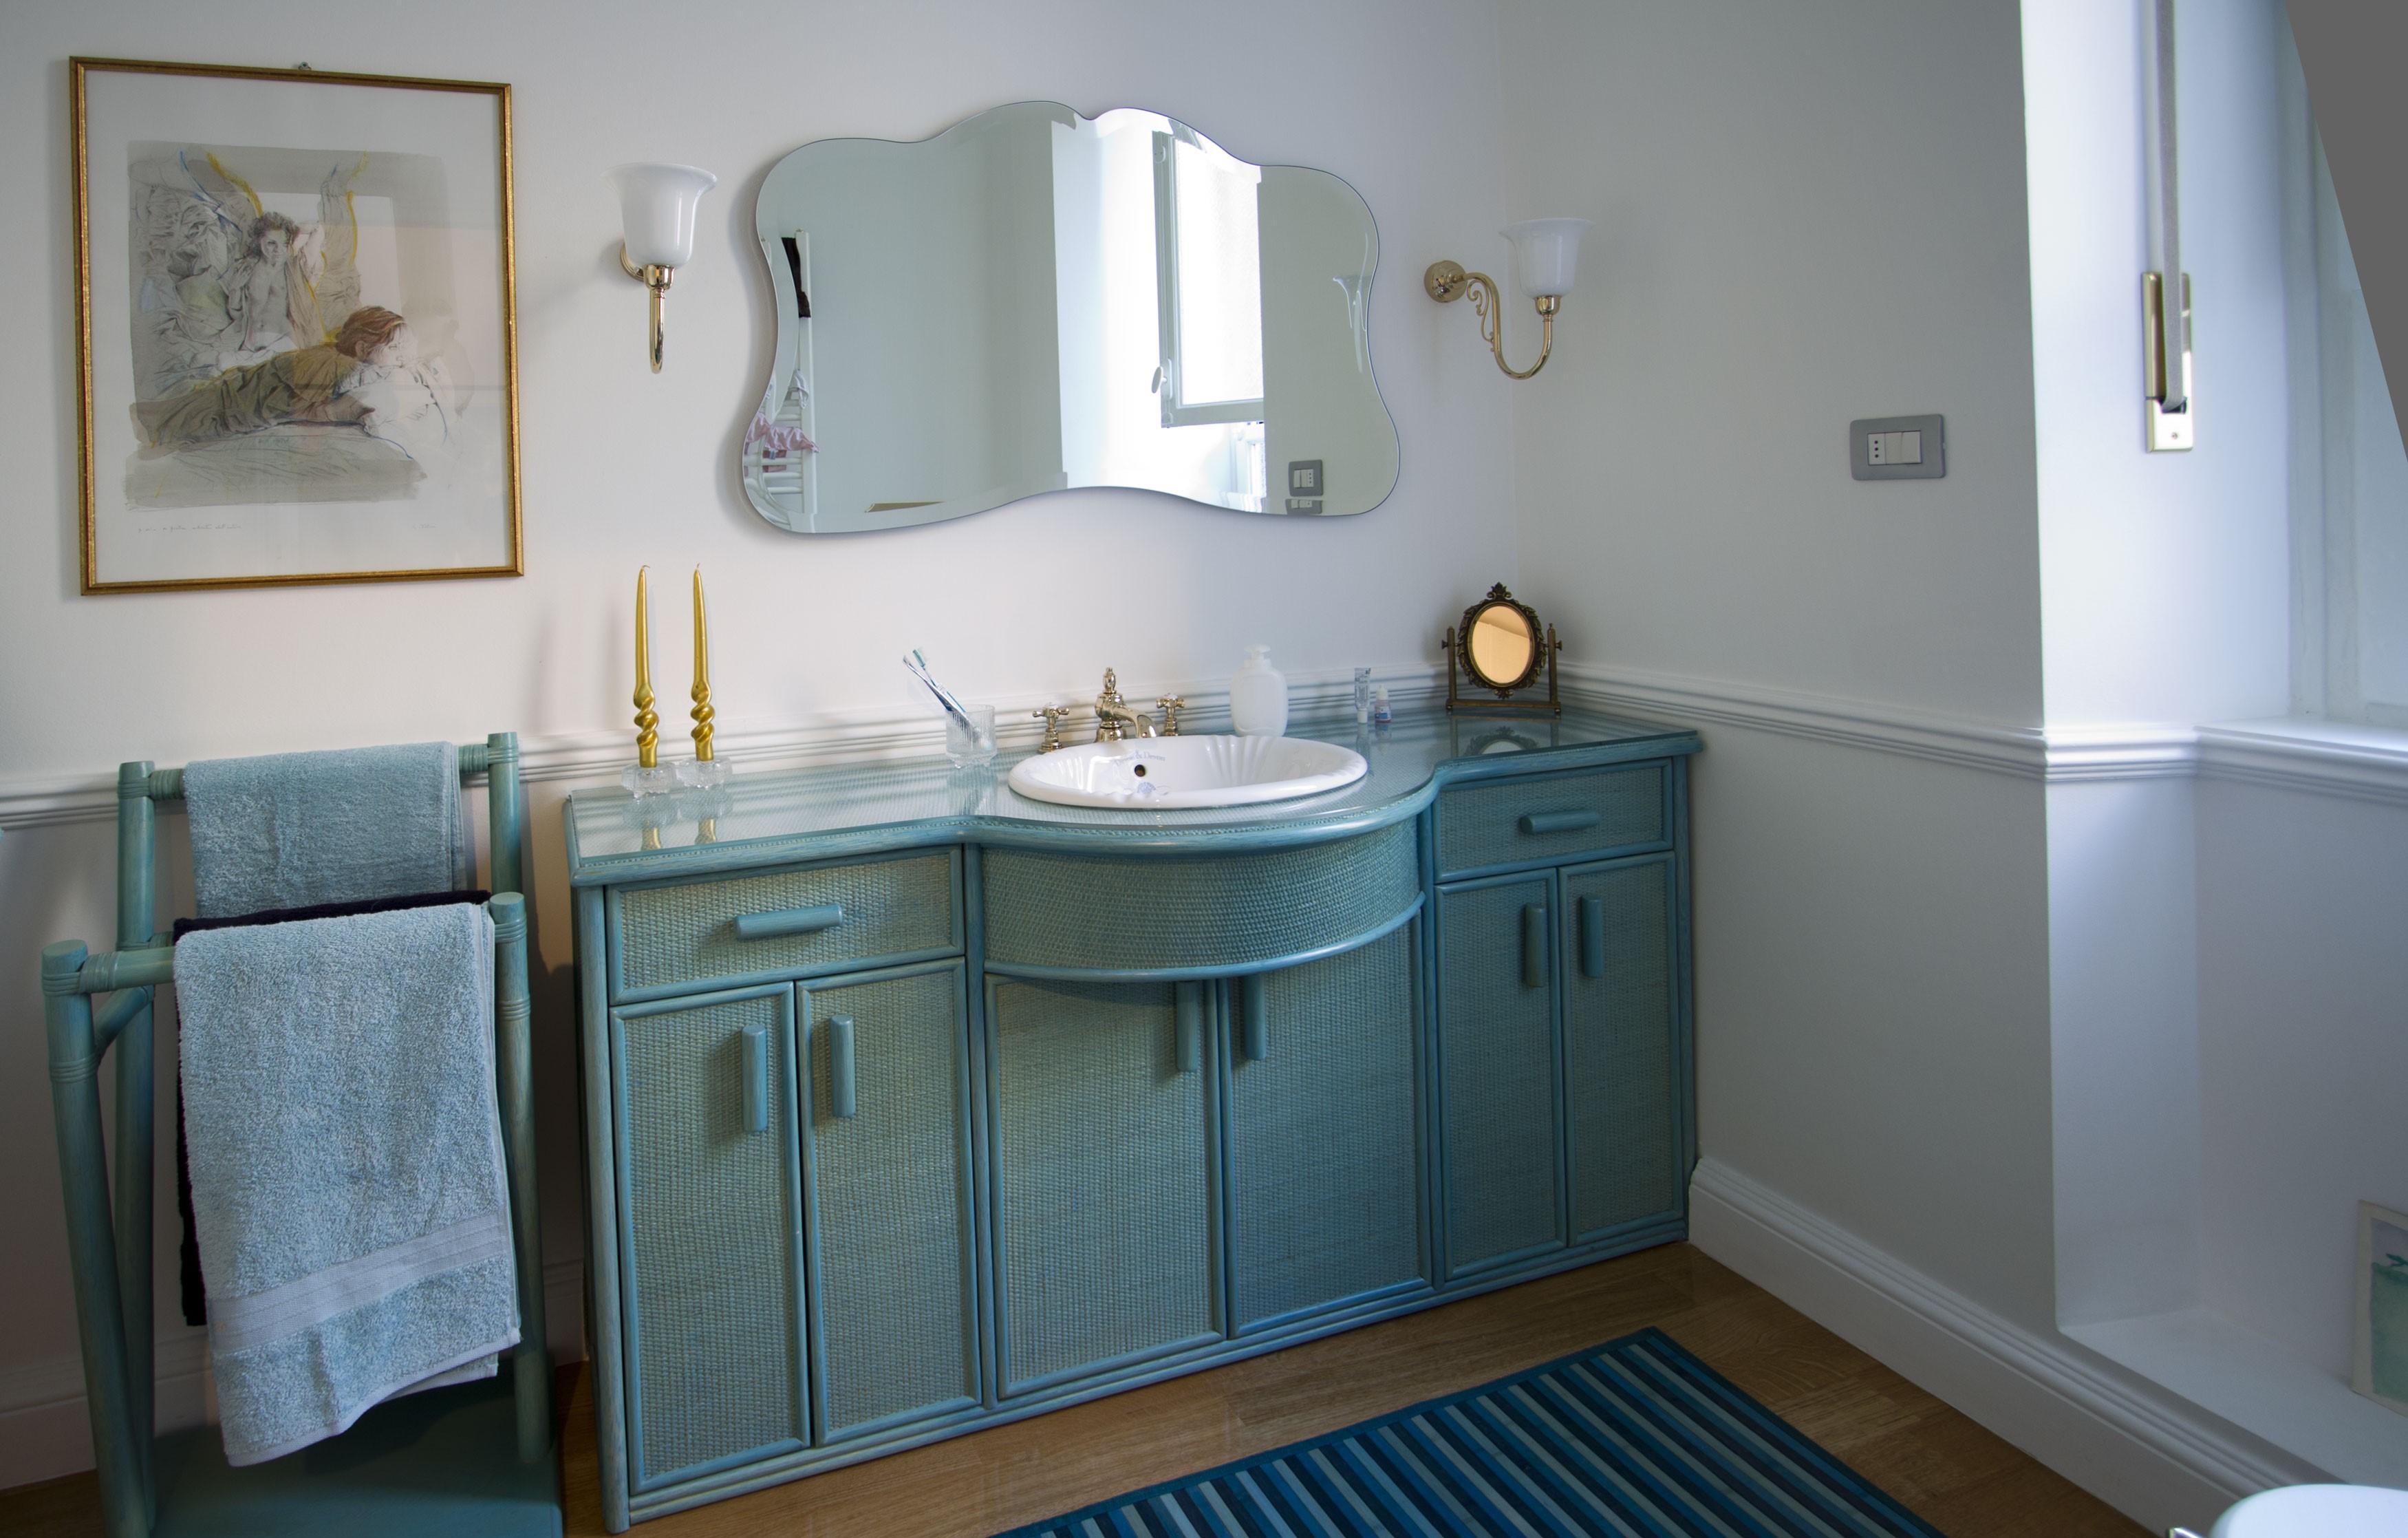 Il bagno in stile provenzale: 15 splendide idee per ispirarvi!